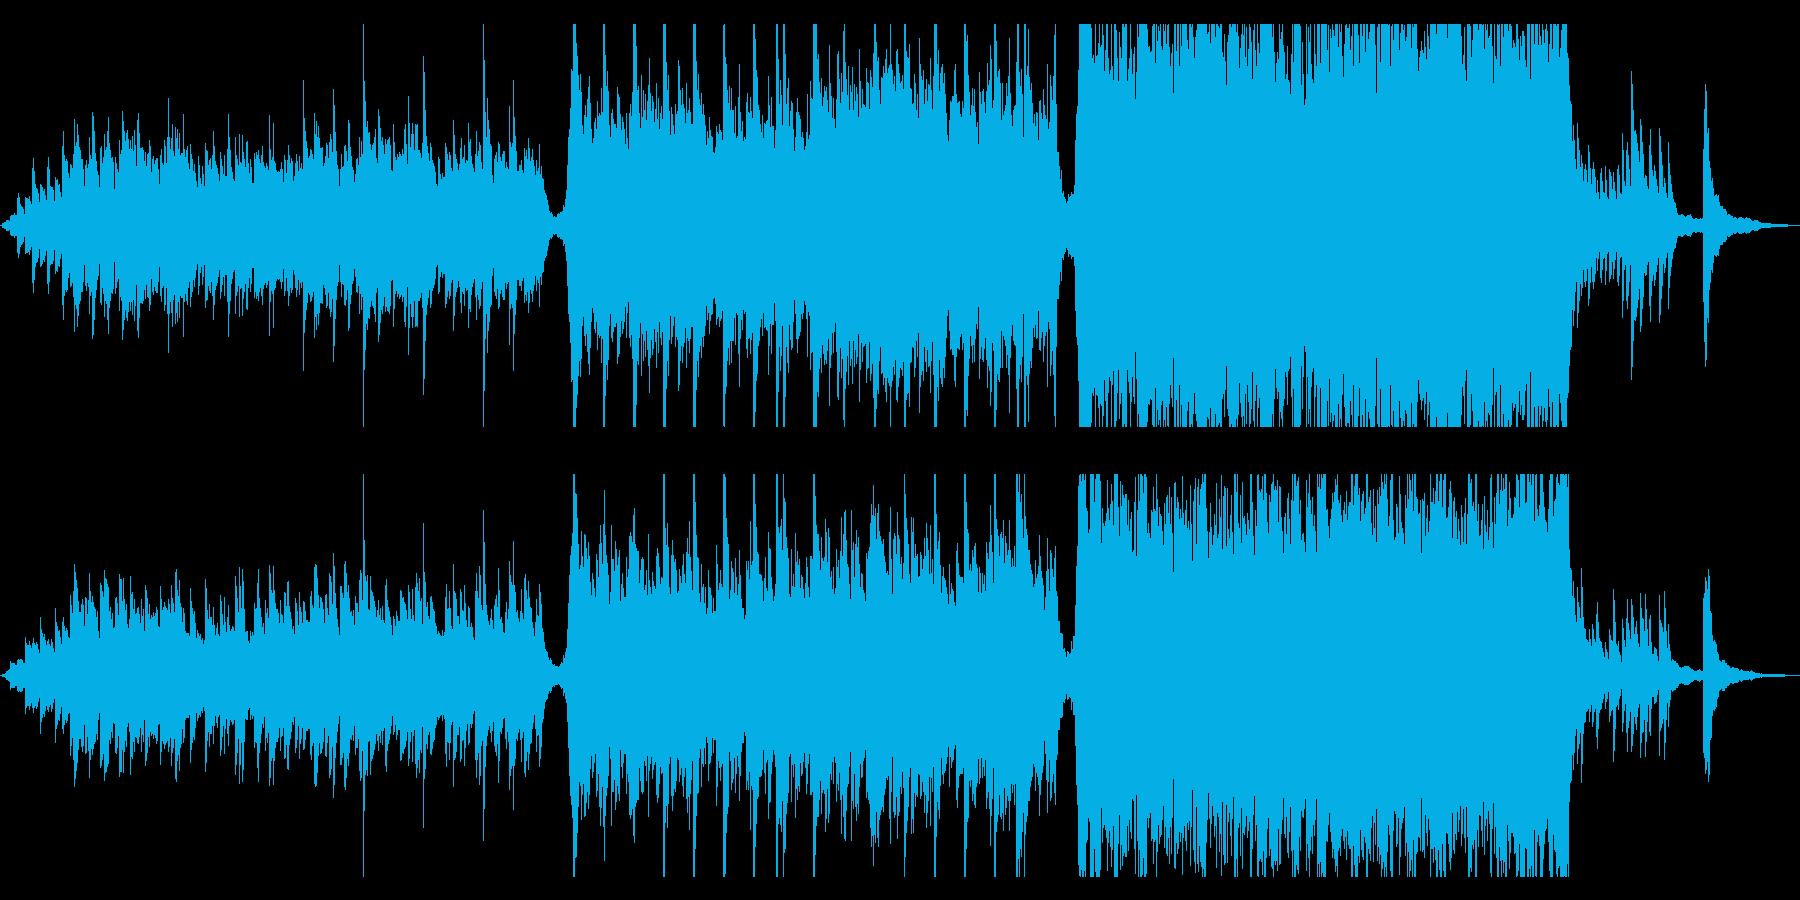 現代の交響曲 企業イメージ ポジテ...の再生済みの波形